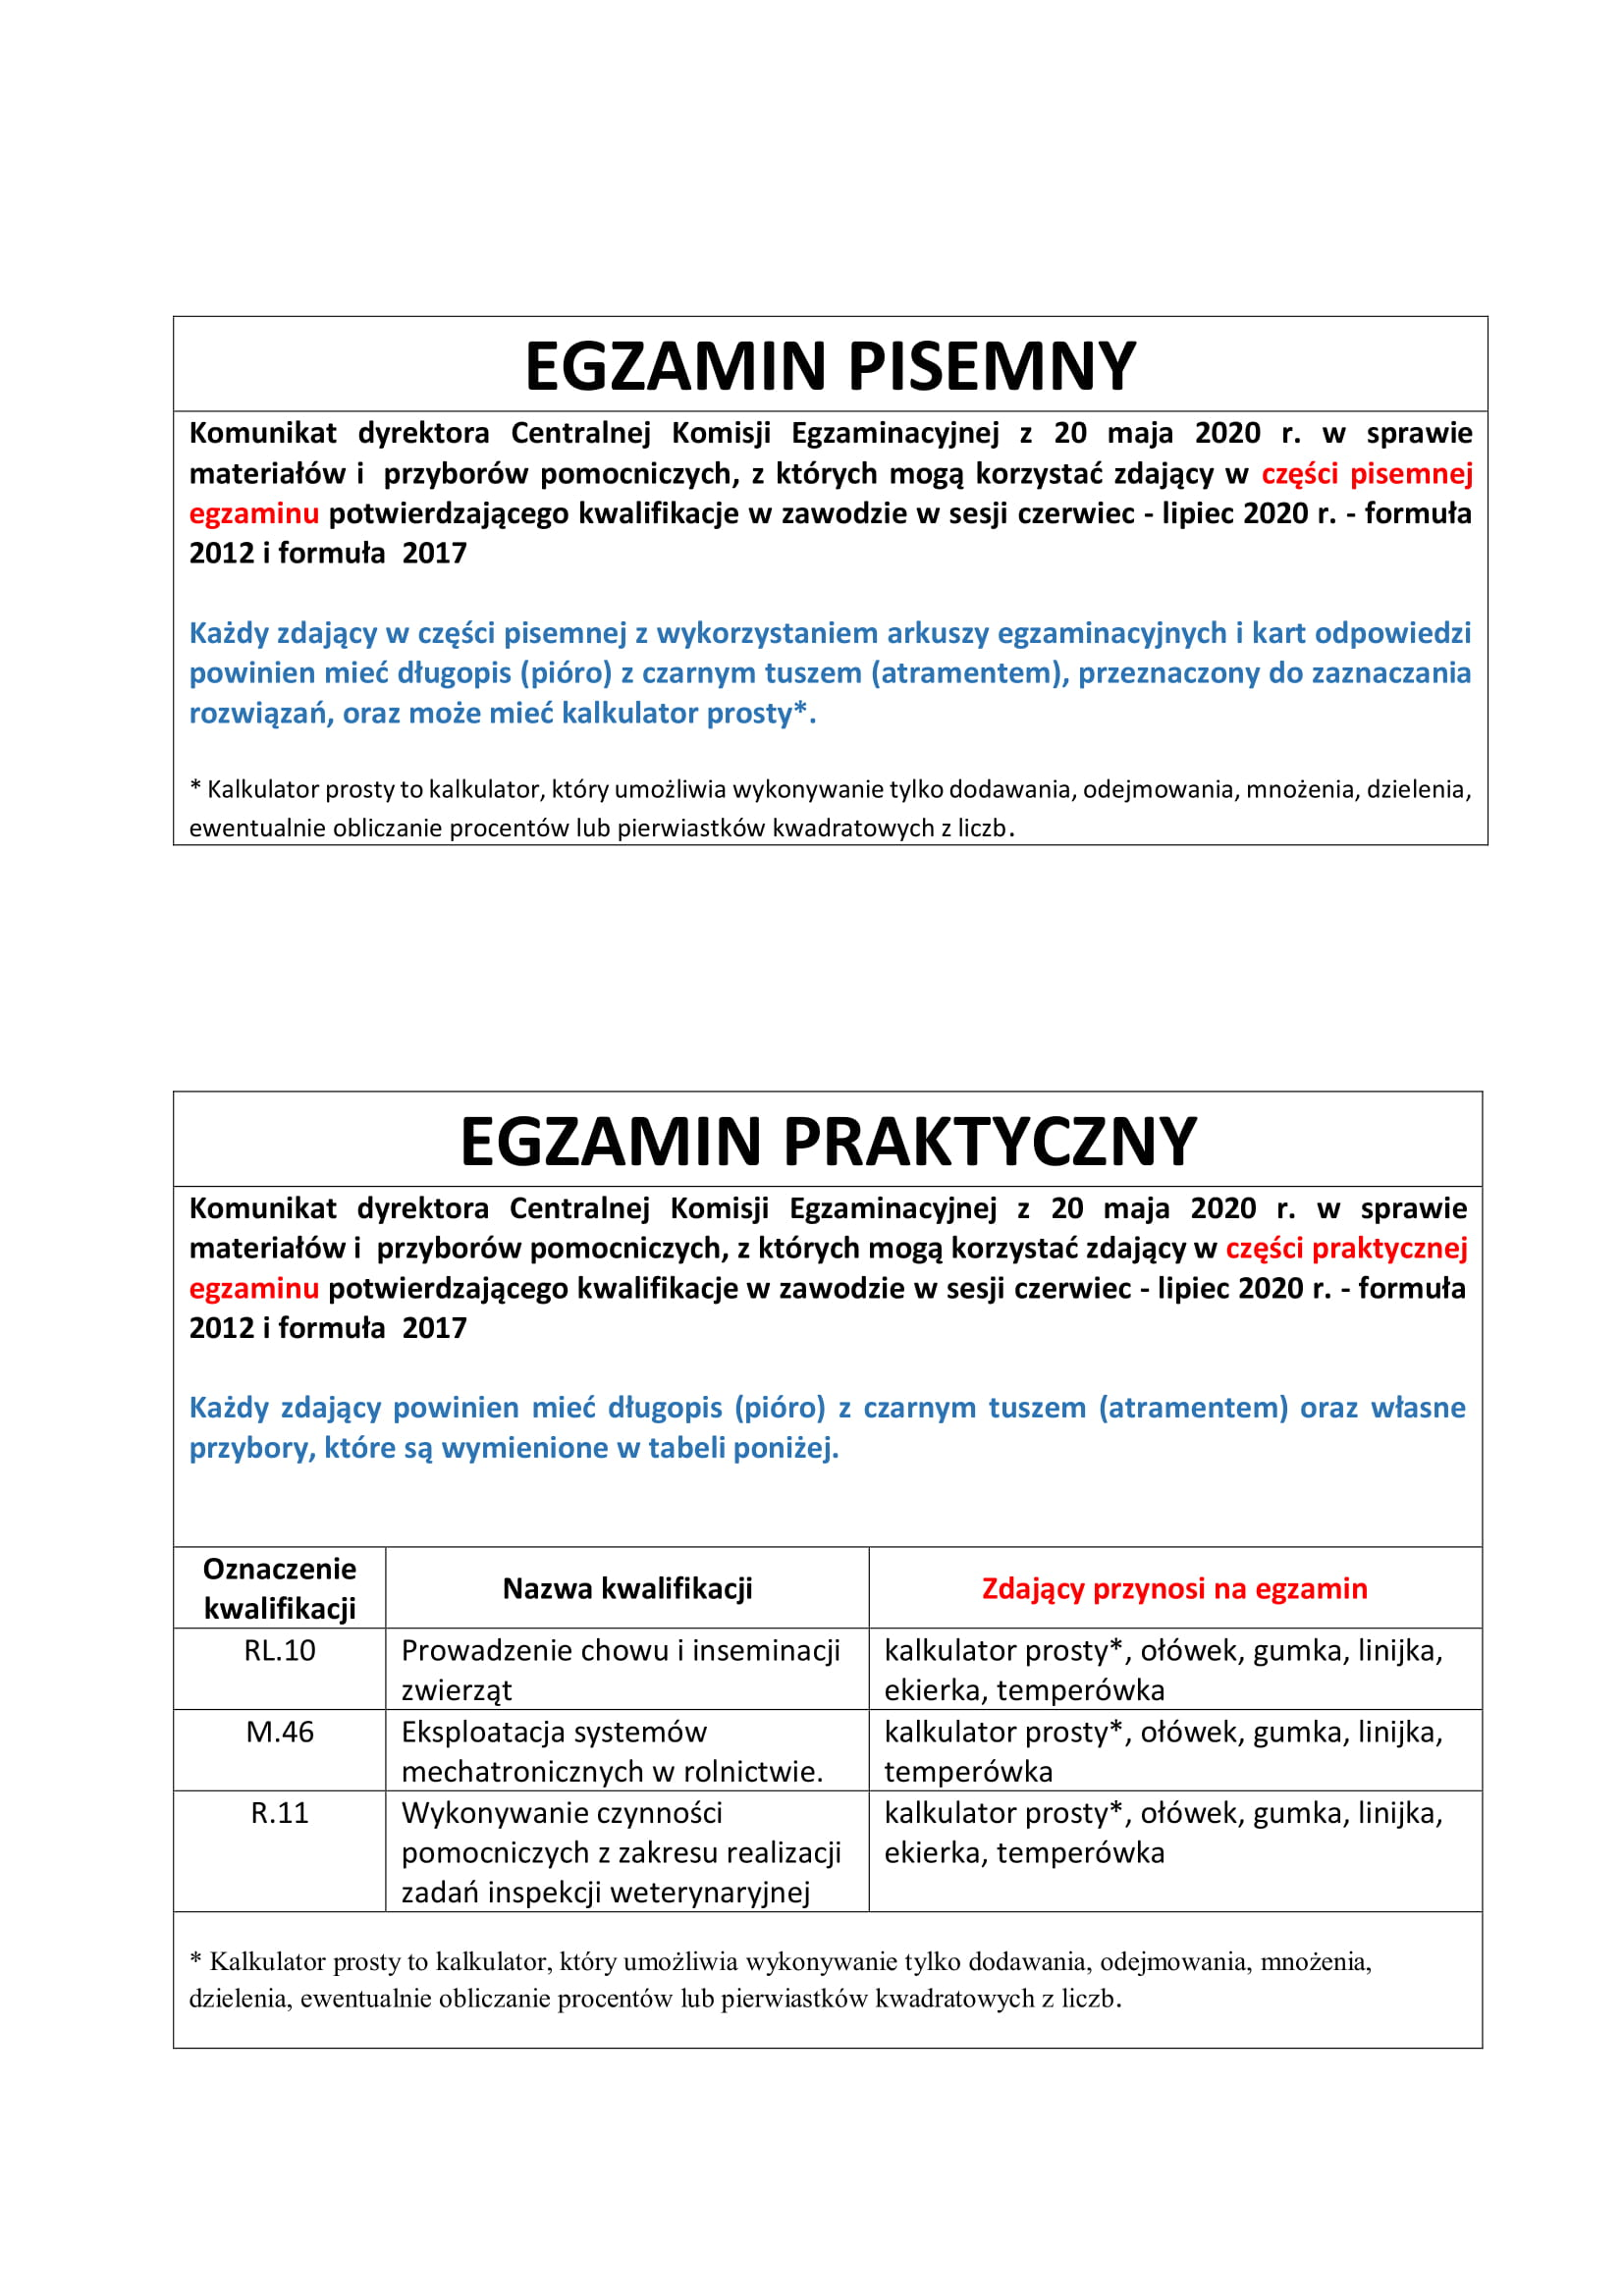 wykaz-mat-pomocniczych-2020-2-1.jpg